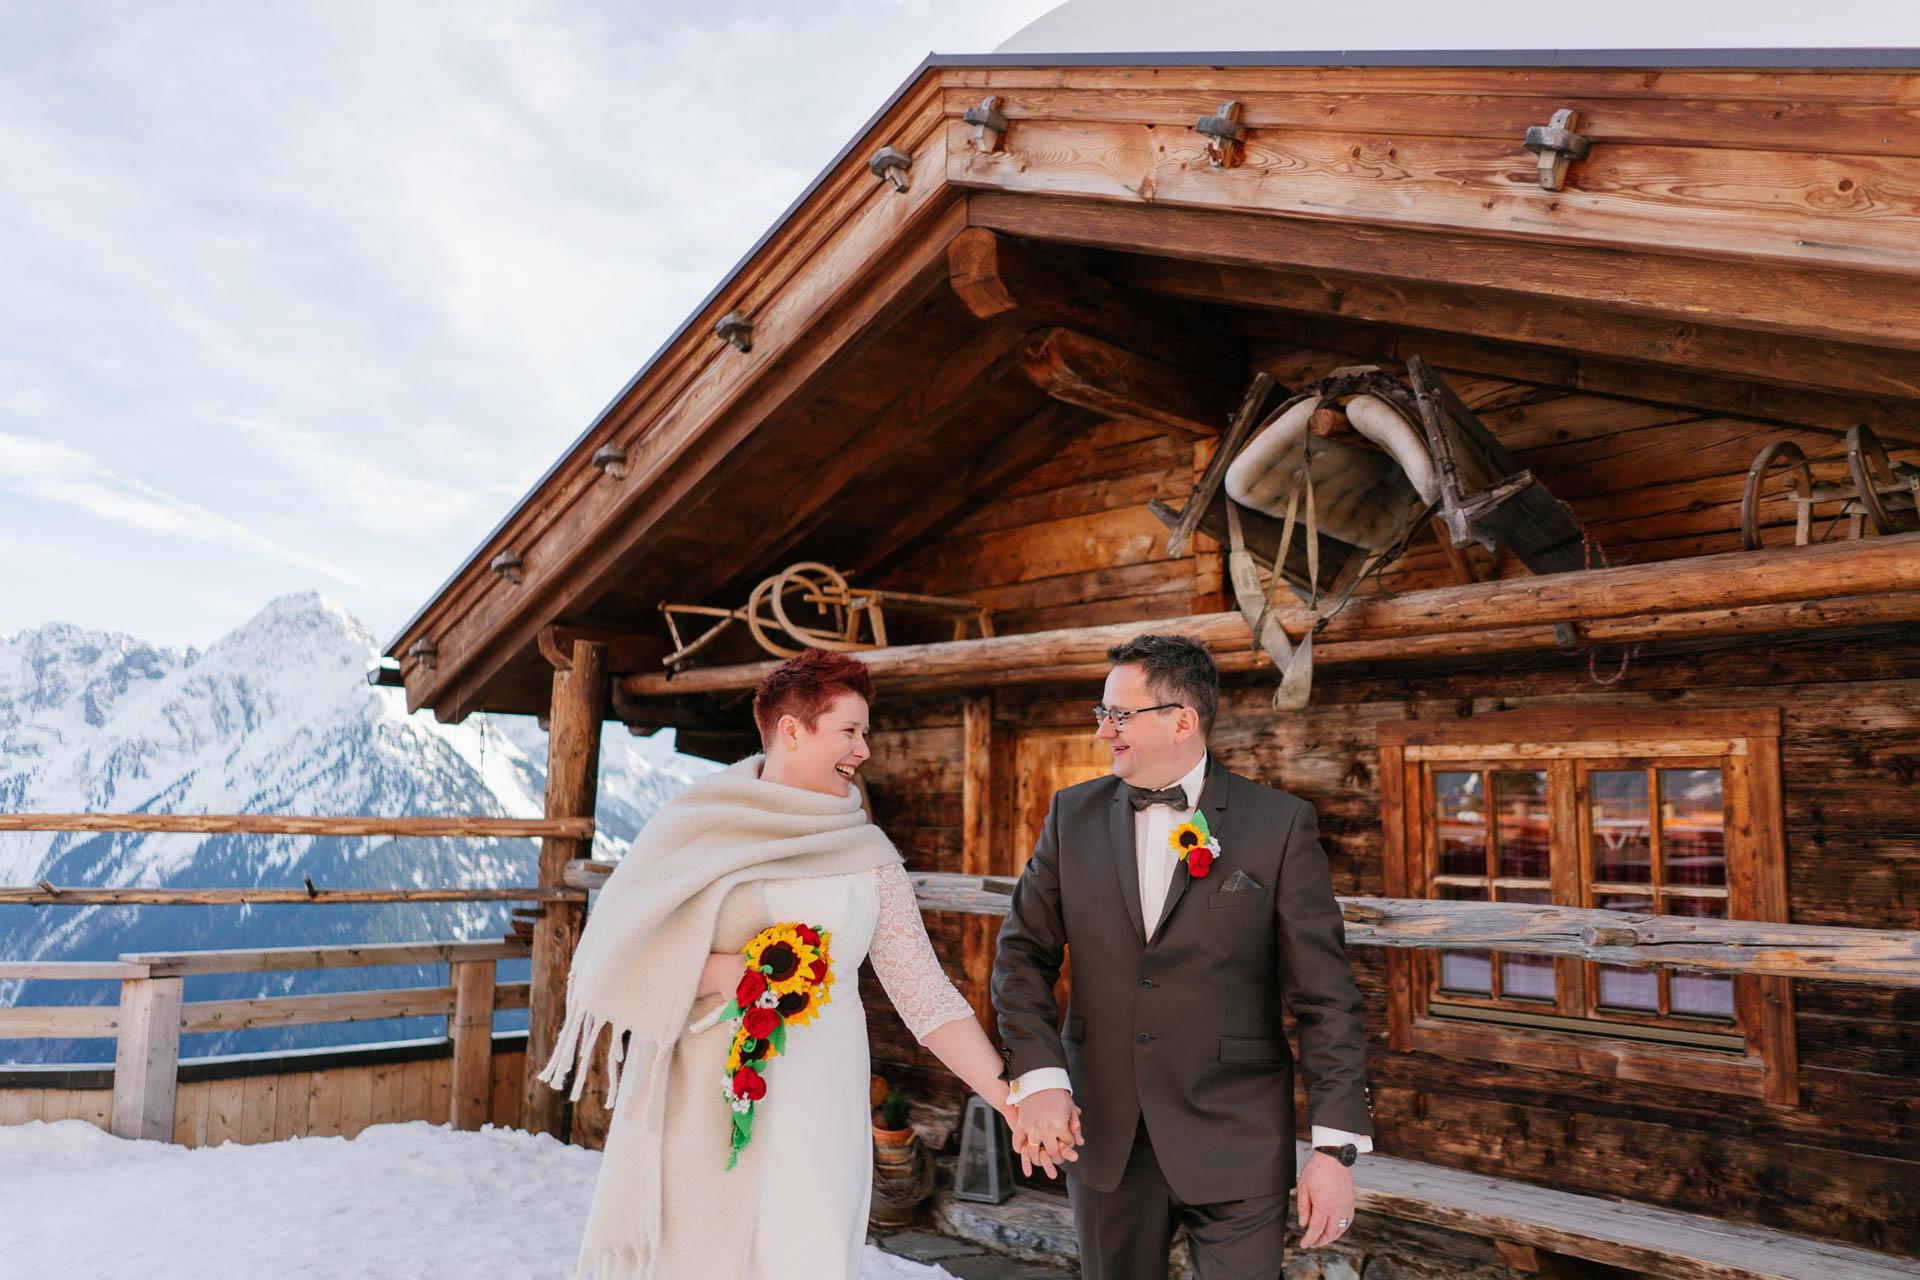 Brautpaar Hand in Hand vor Skihütte im Schnee